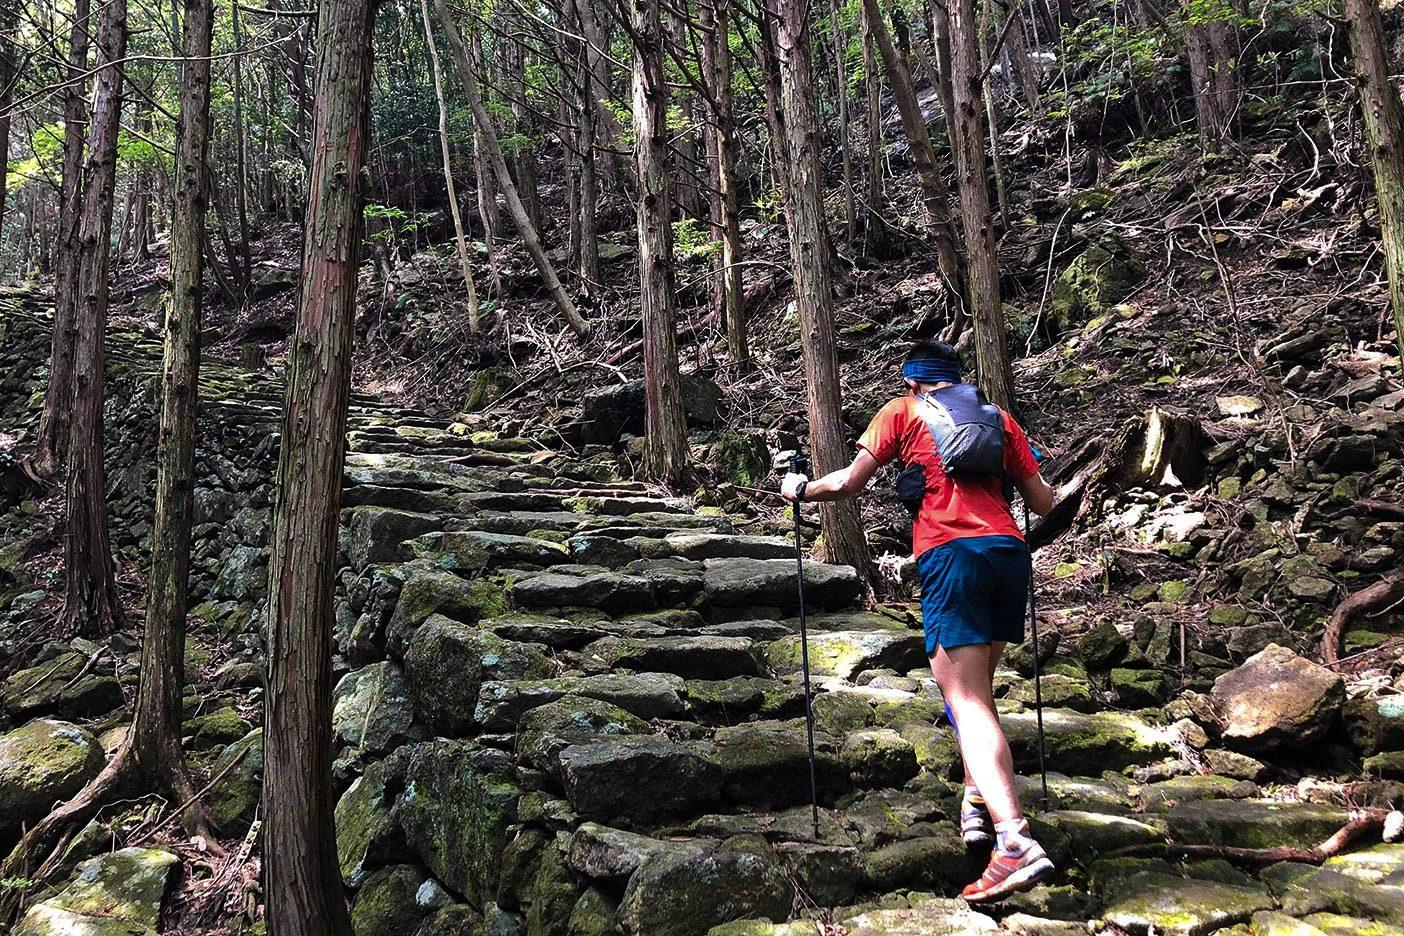 松本峠、石畳の坂道を進む